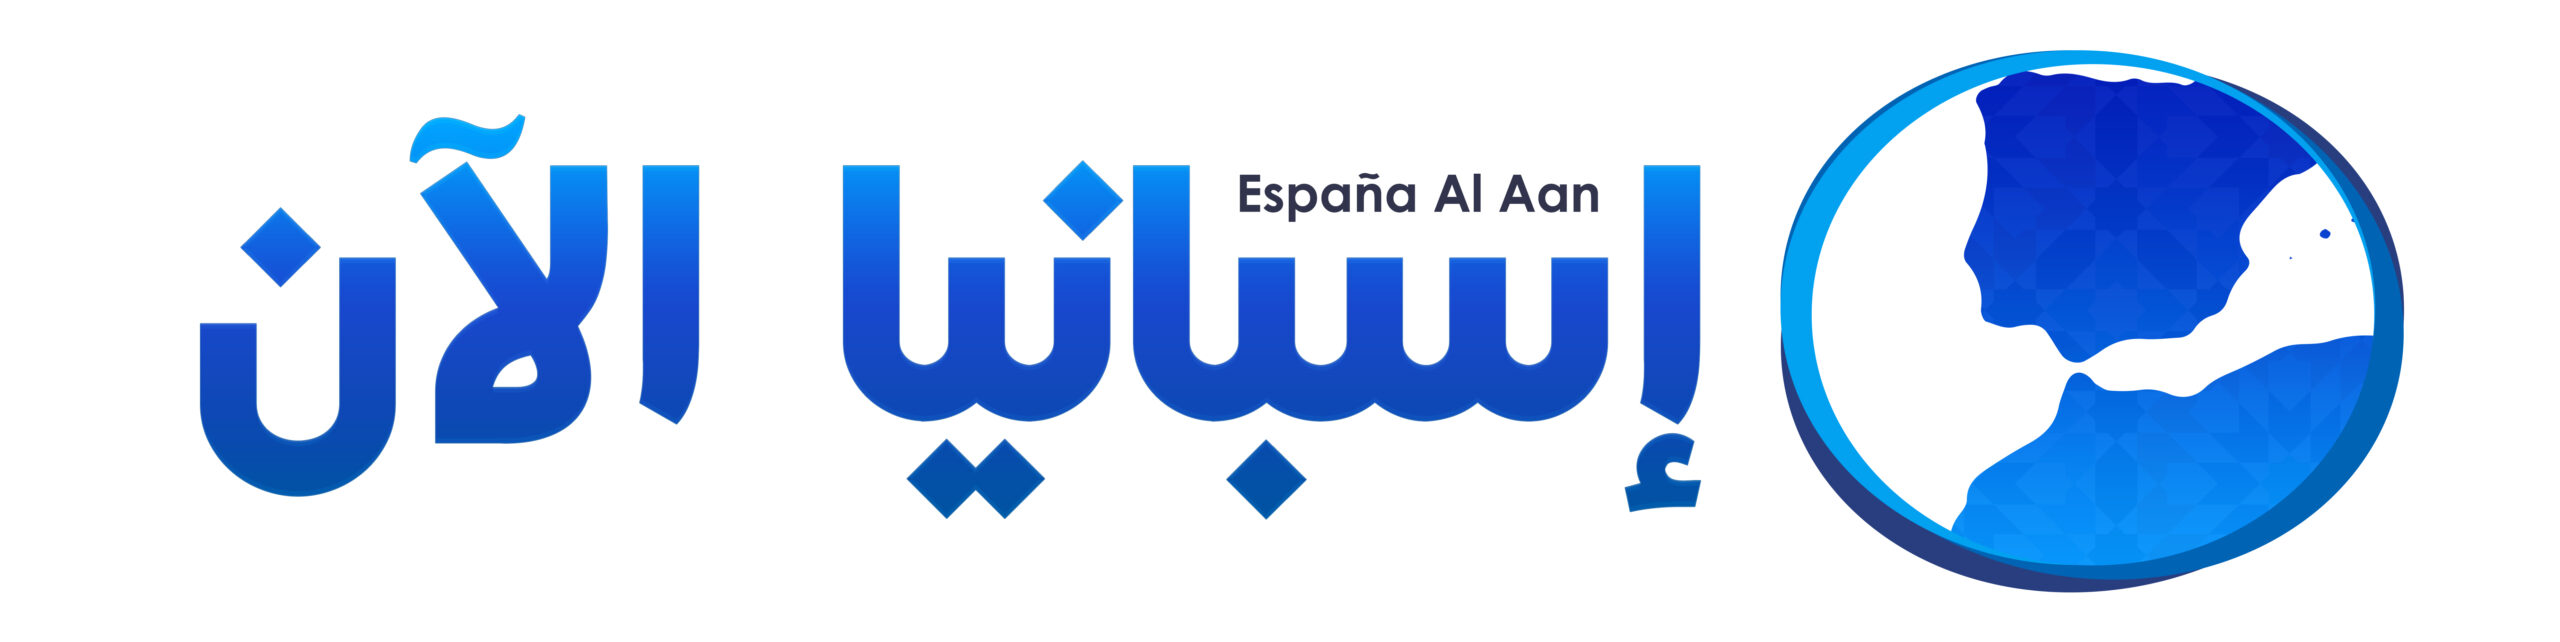 إسبانيا الآن